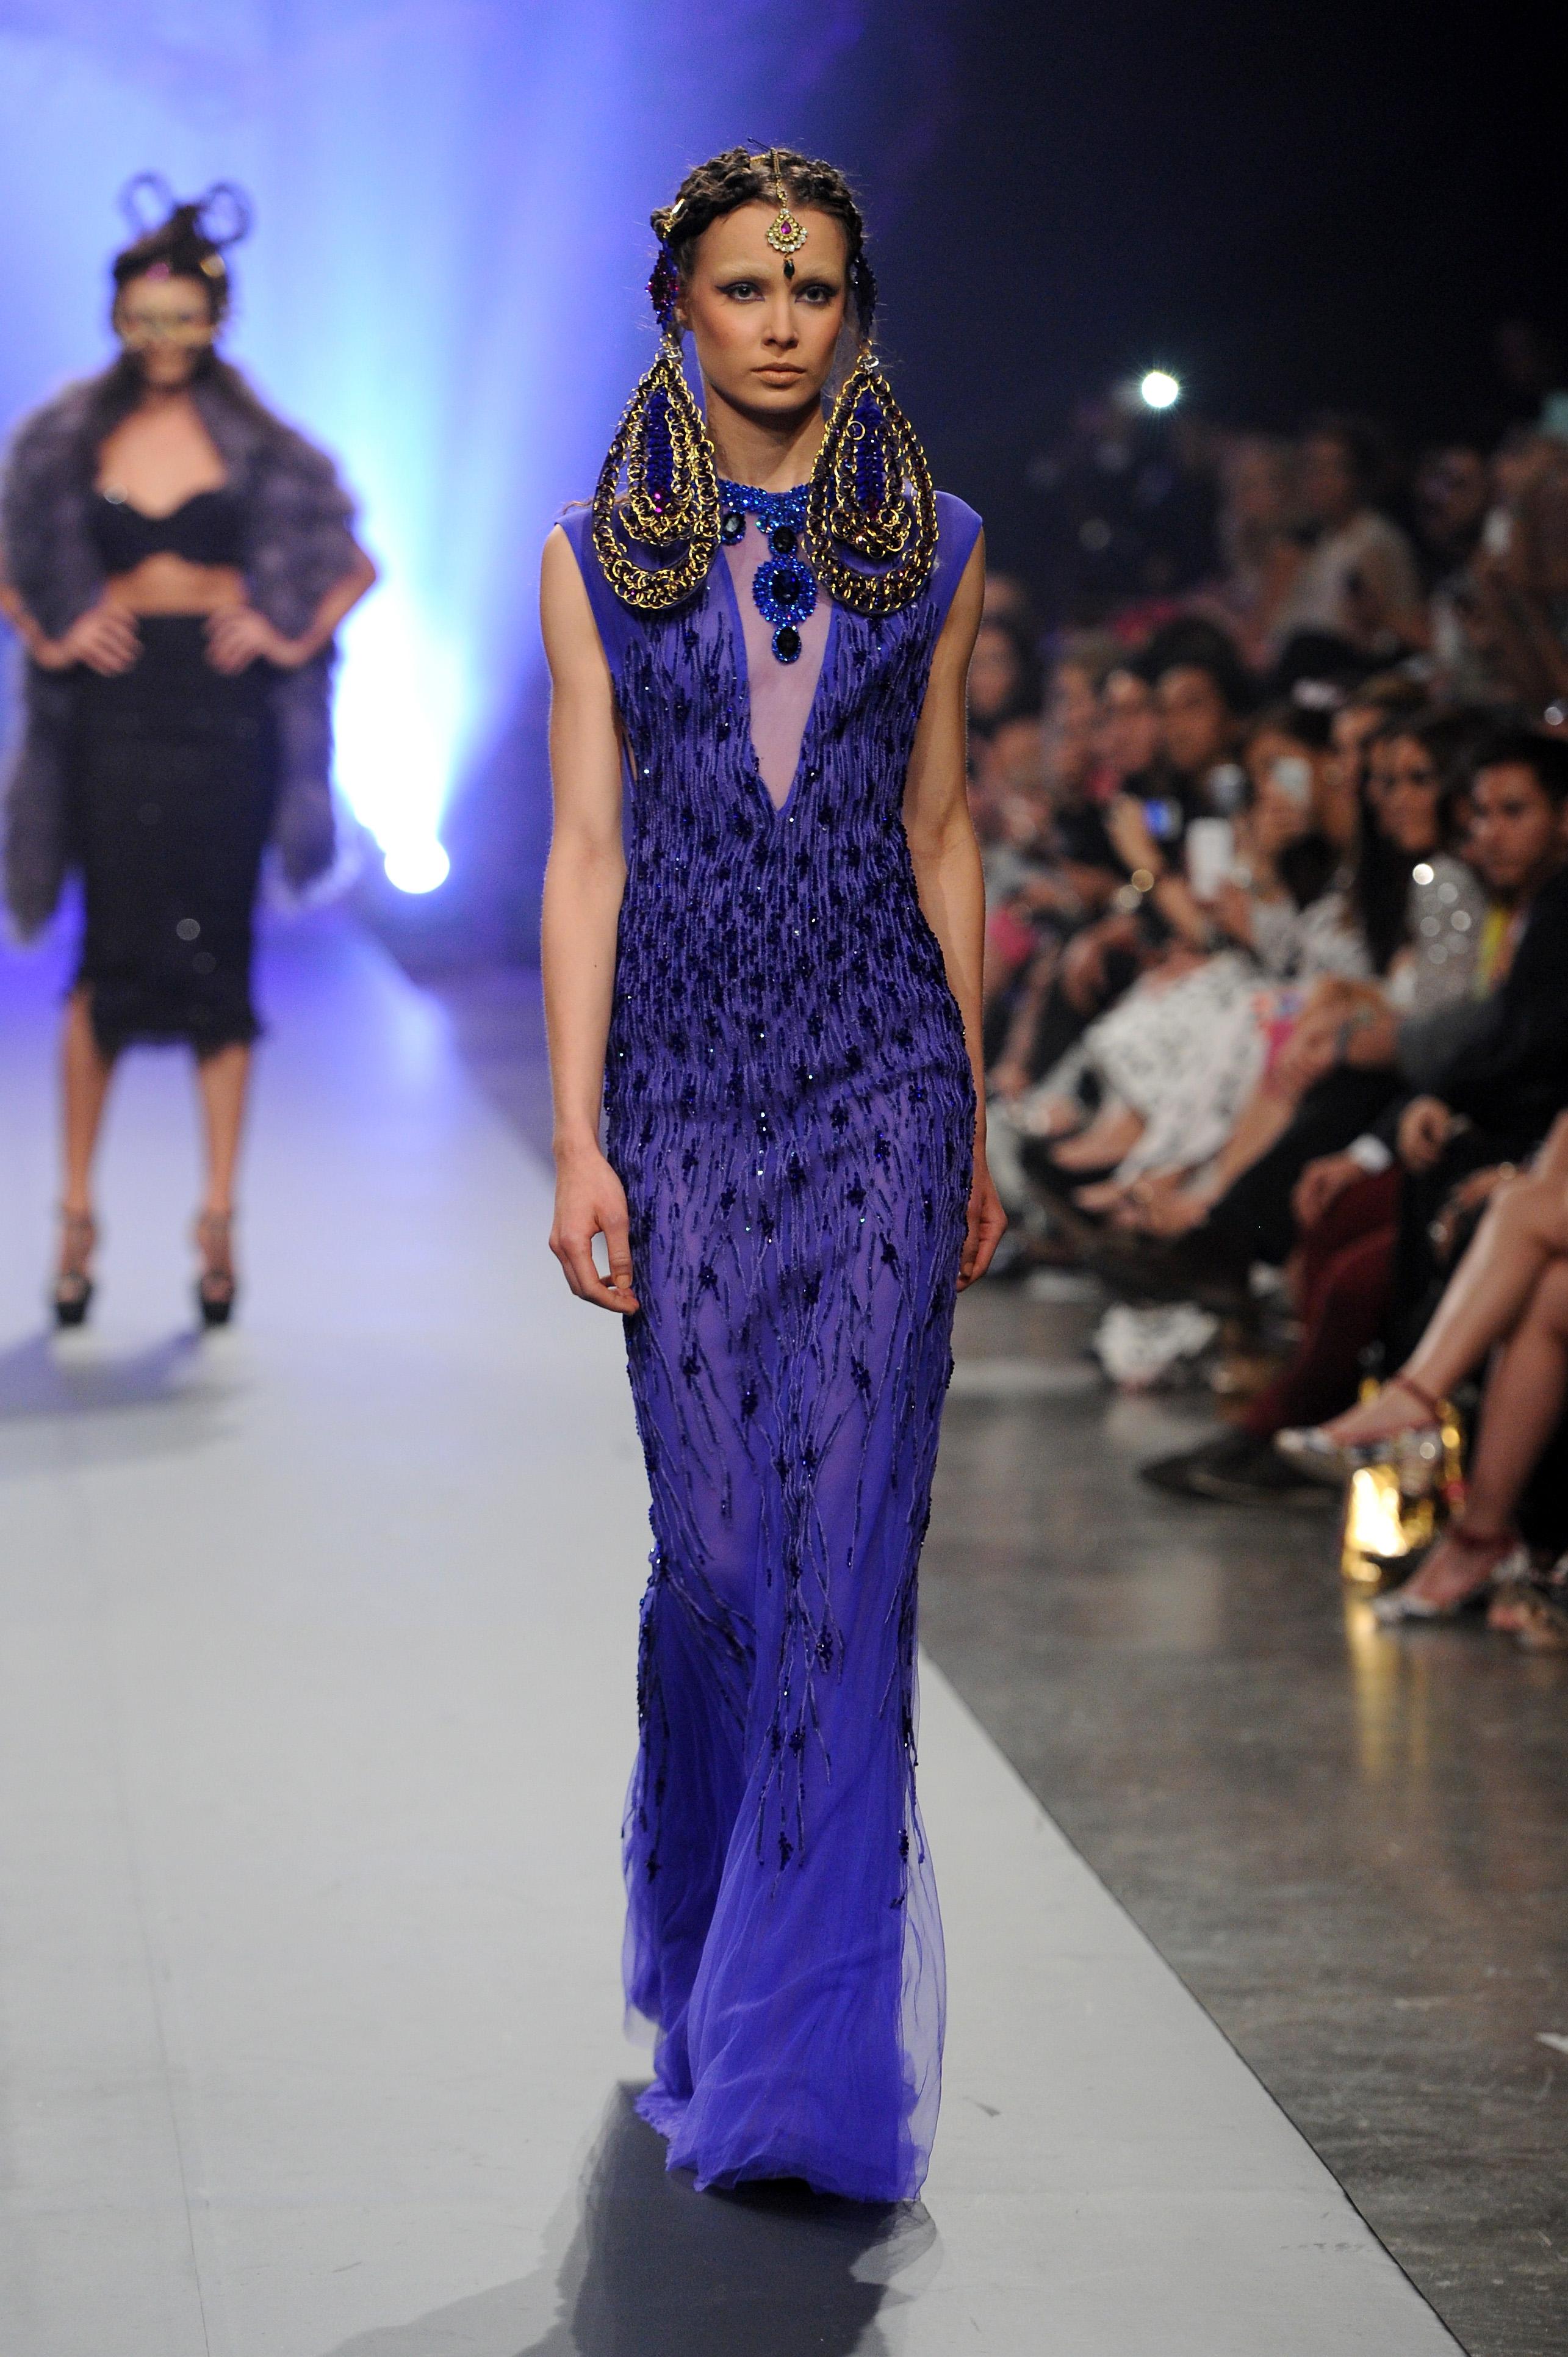 Amato By Furne One - Fashion Forward Dubai - Ian Gavan, Stuart Wilson - Getty Images